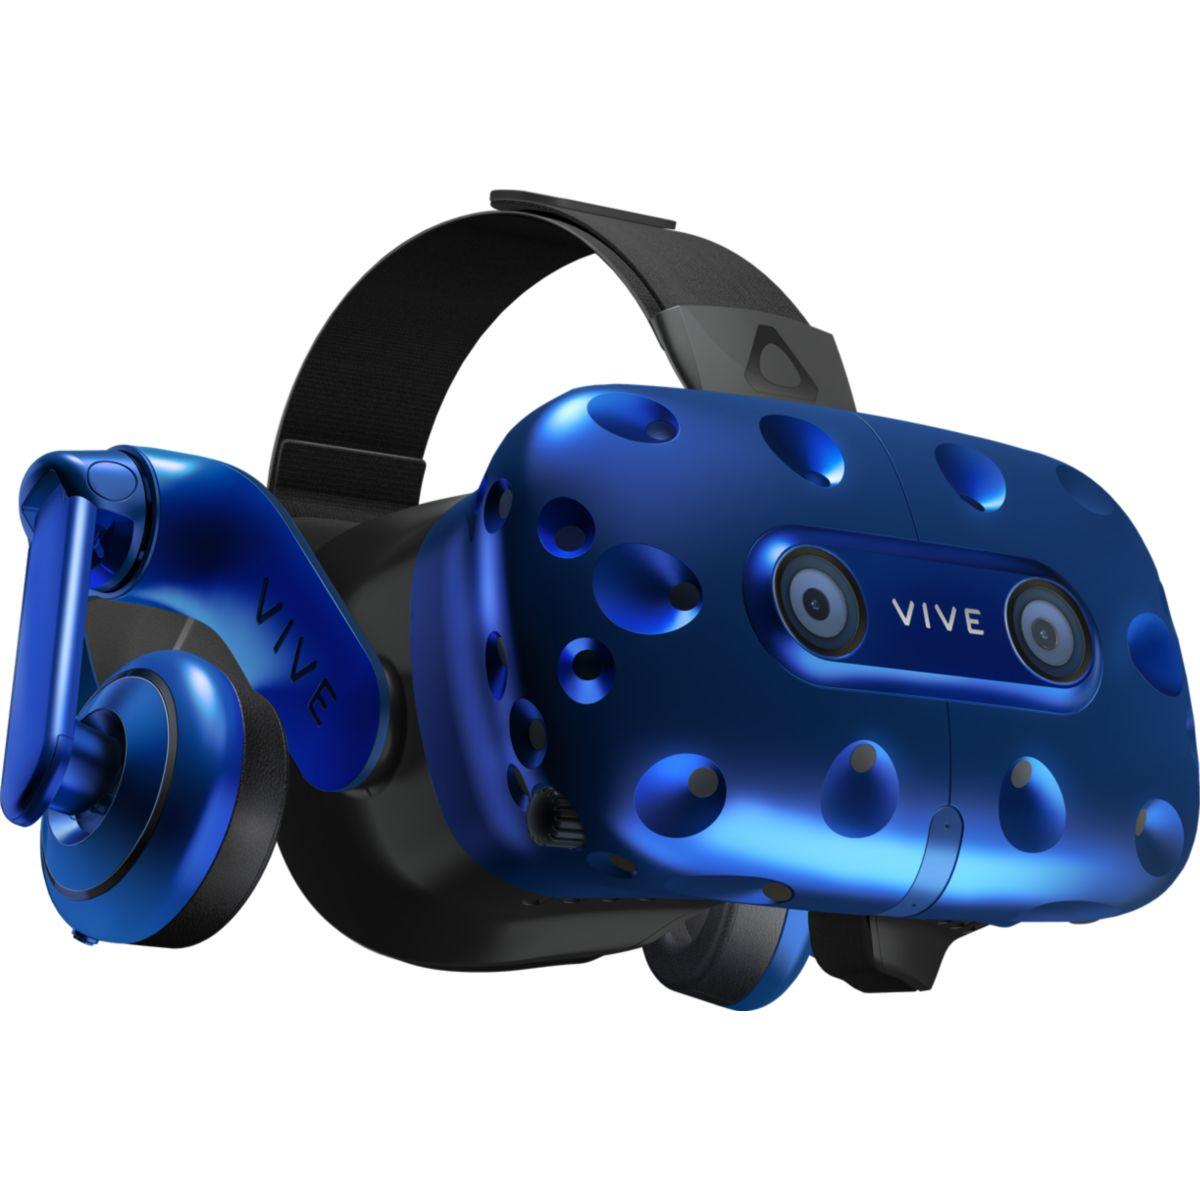 Casque de r�alit� virtuelle htc vive pro - livraison offerte : code relay (photo)